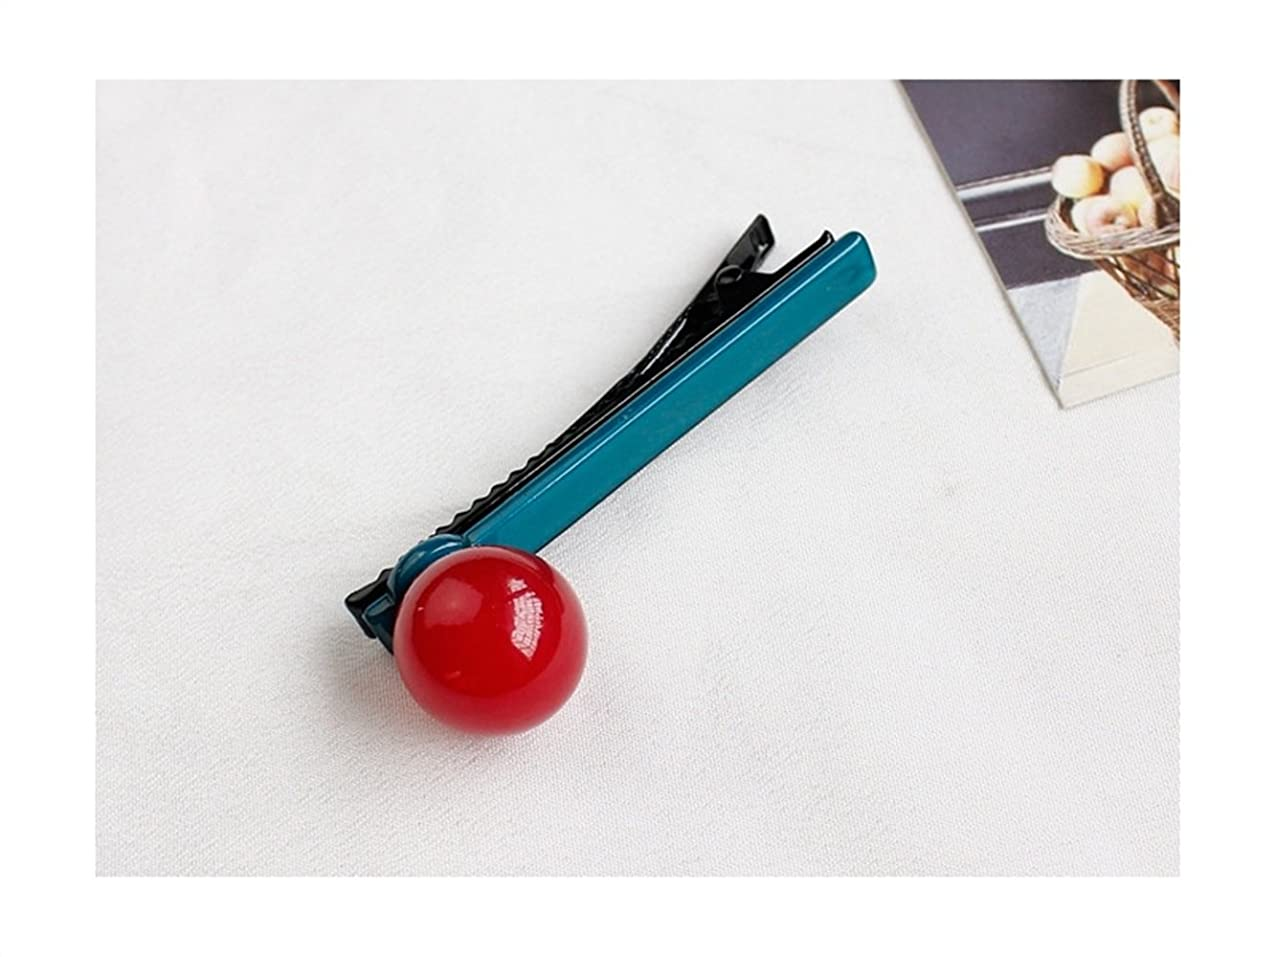 必要性電気的花に水をやるOsize 美しいスタイル ラウンドボールキャンディーカラーバングヘアピンダックビルクリップサイドクリップ(レッド+ダークグリーン)